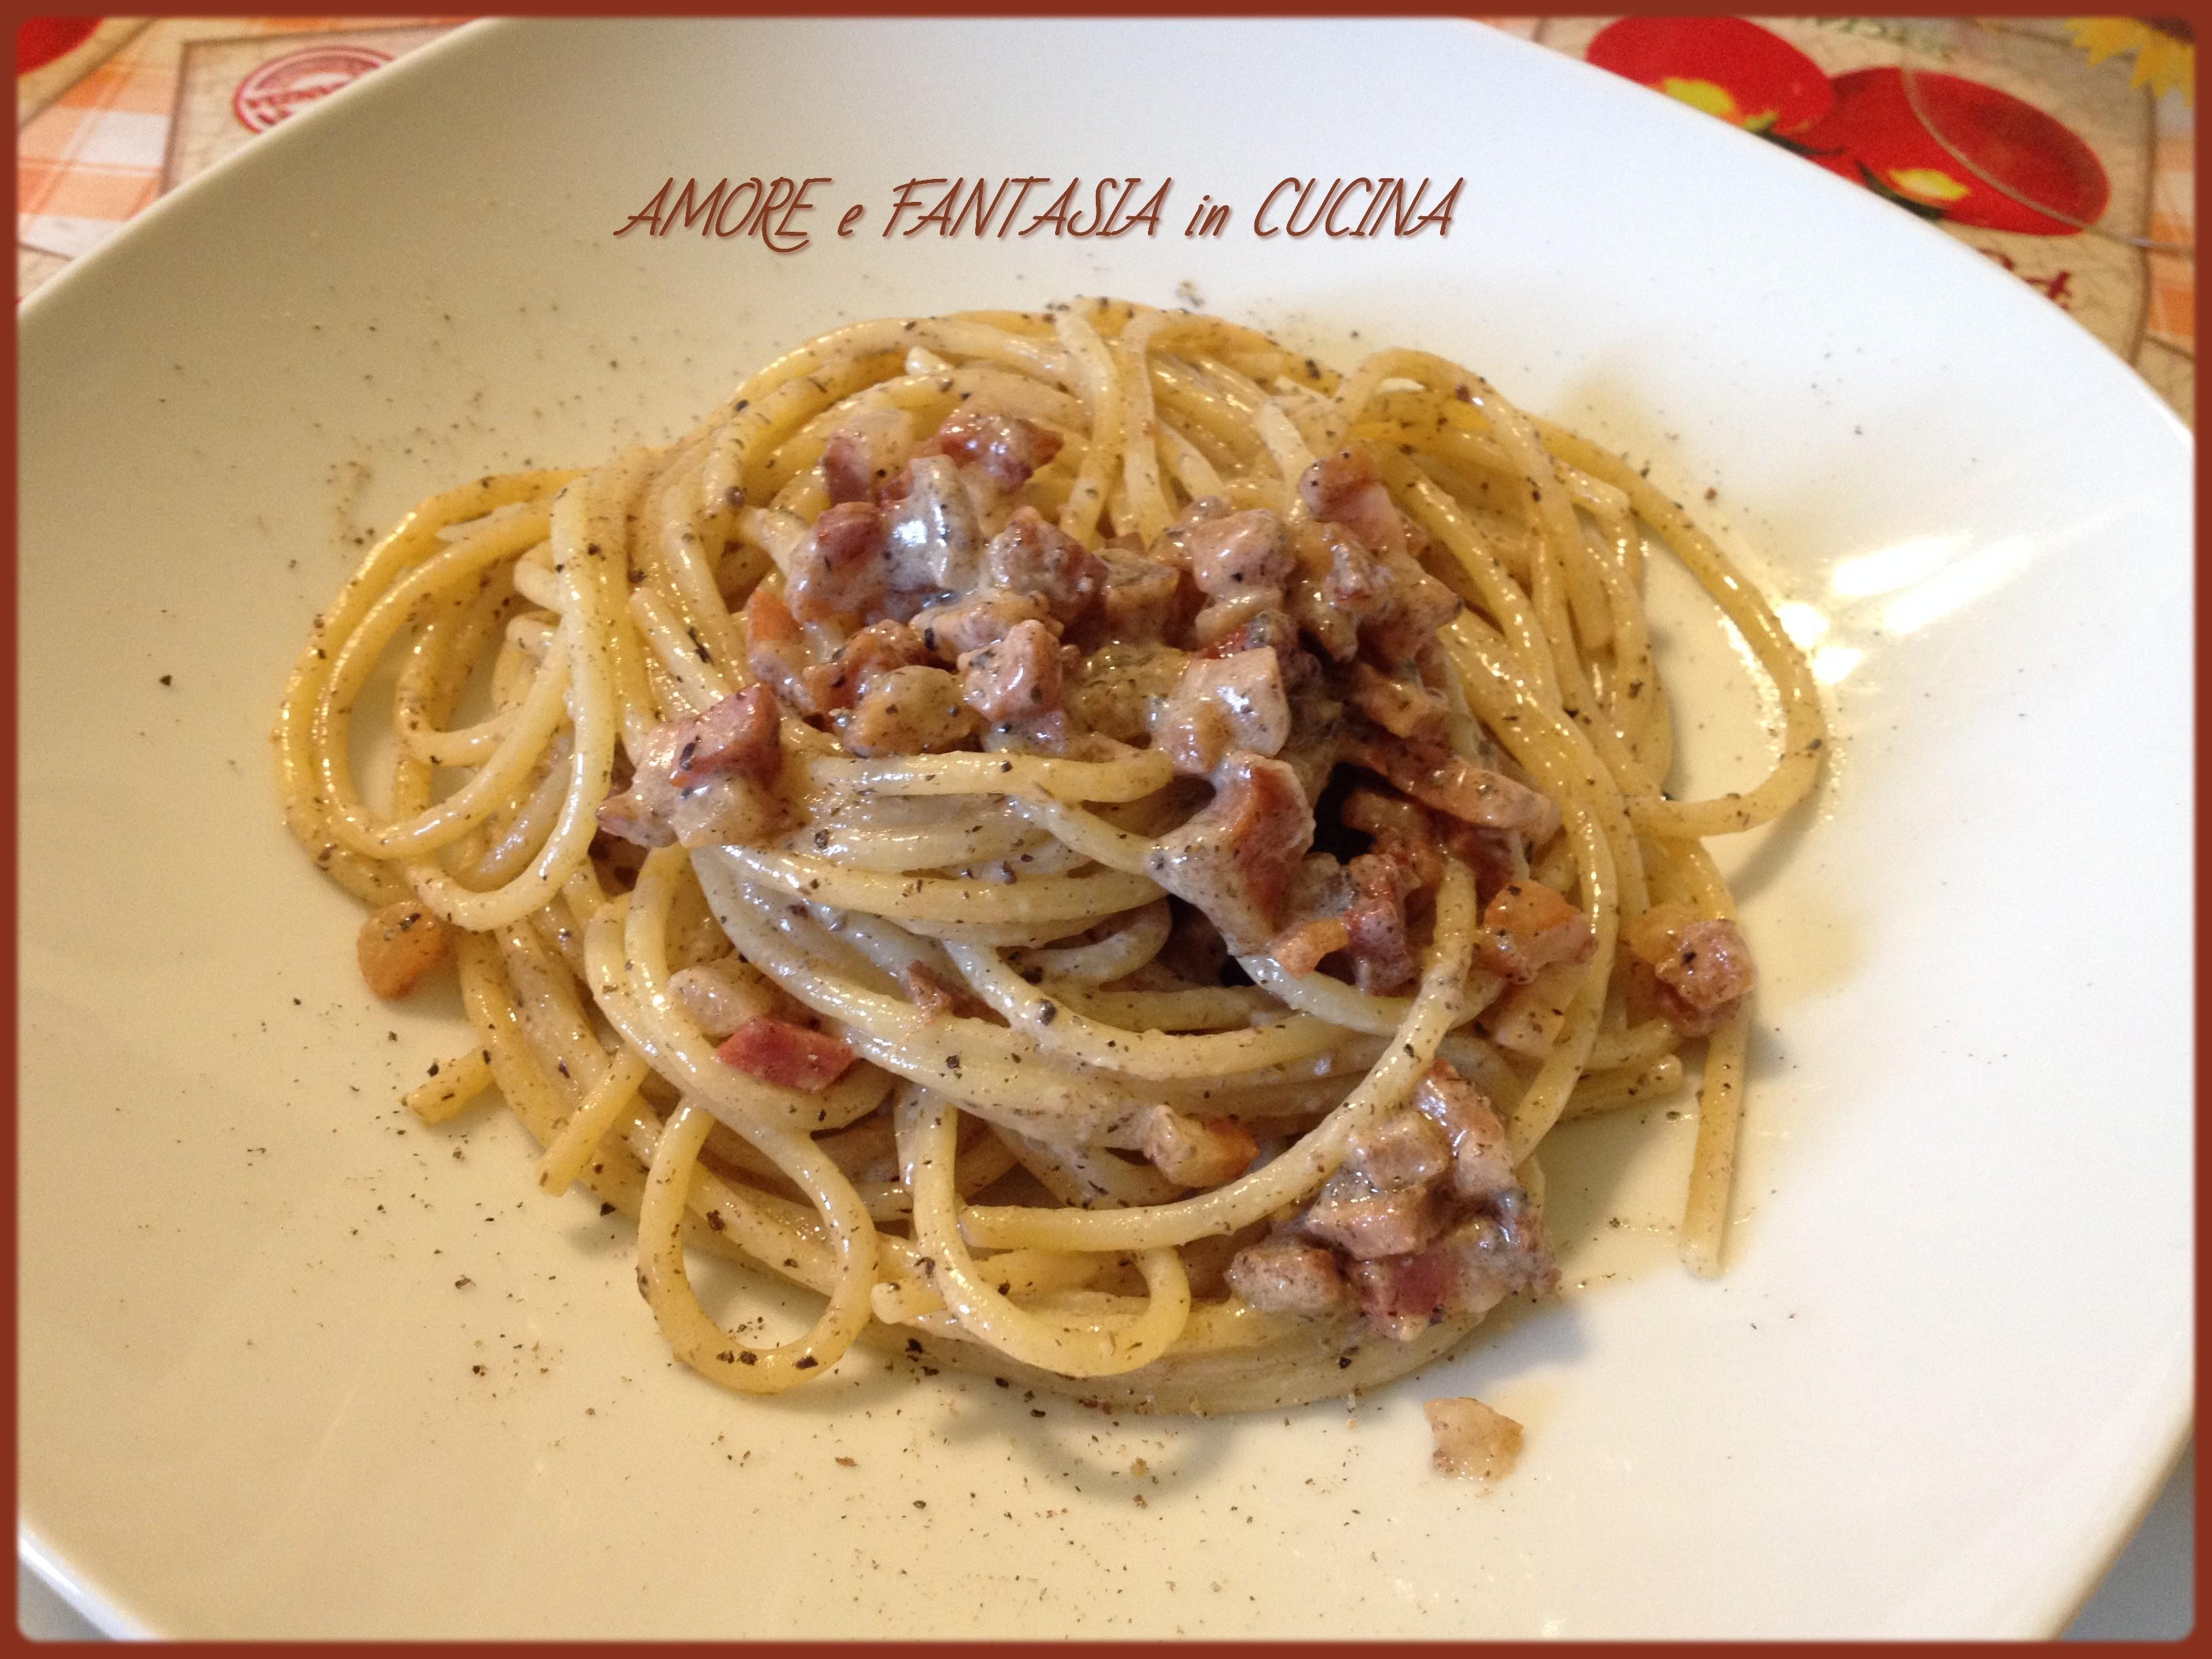 Ricetta Gricia Con Salsiccia.Pasta Alla Gricia Con Tartufo Amore E Fantasia In Cucina